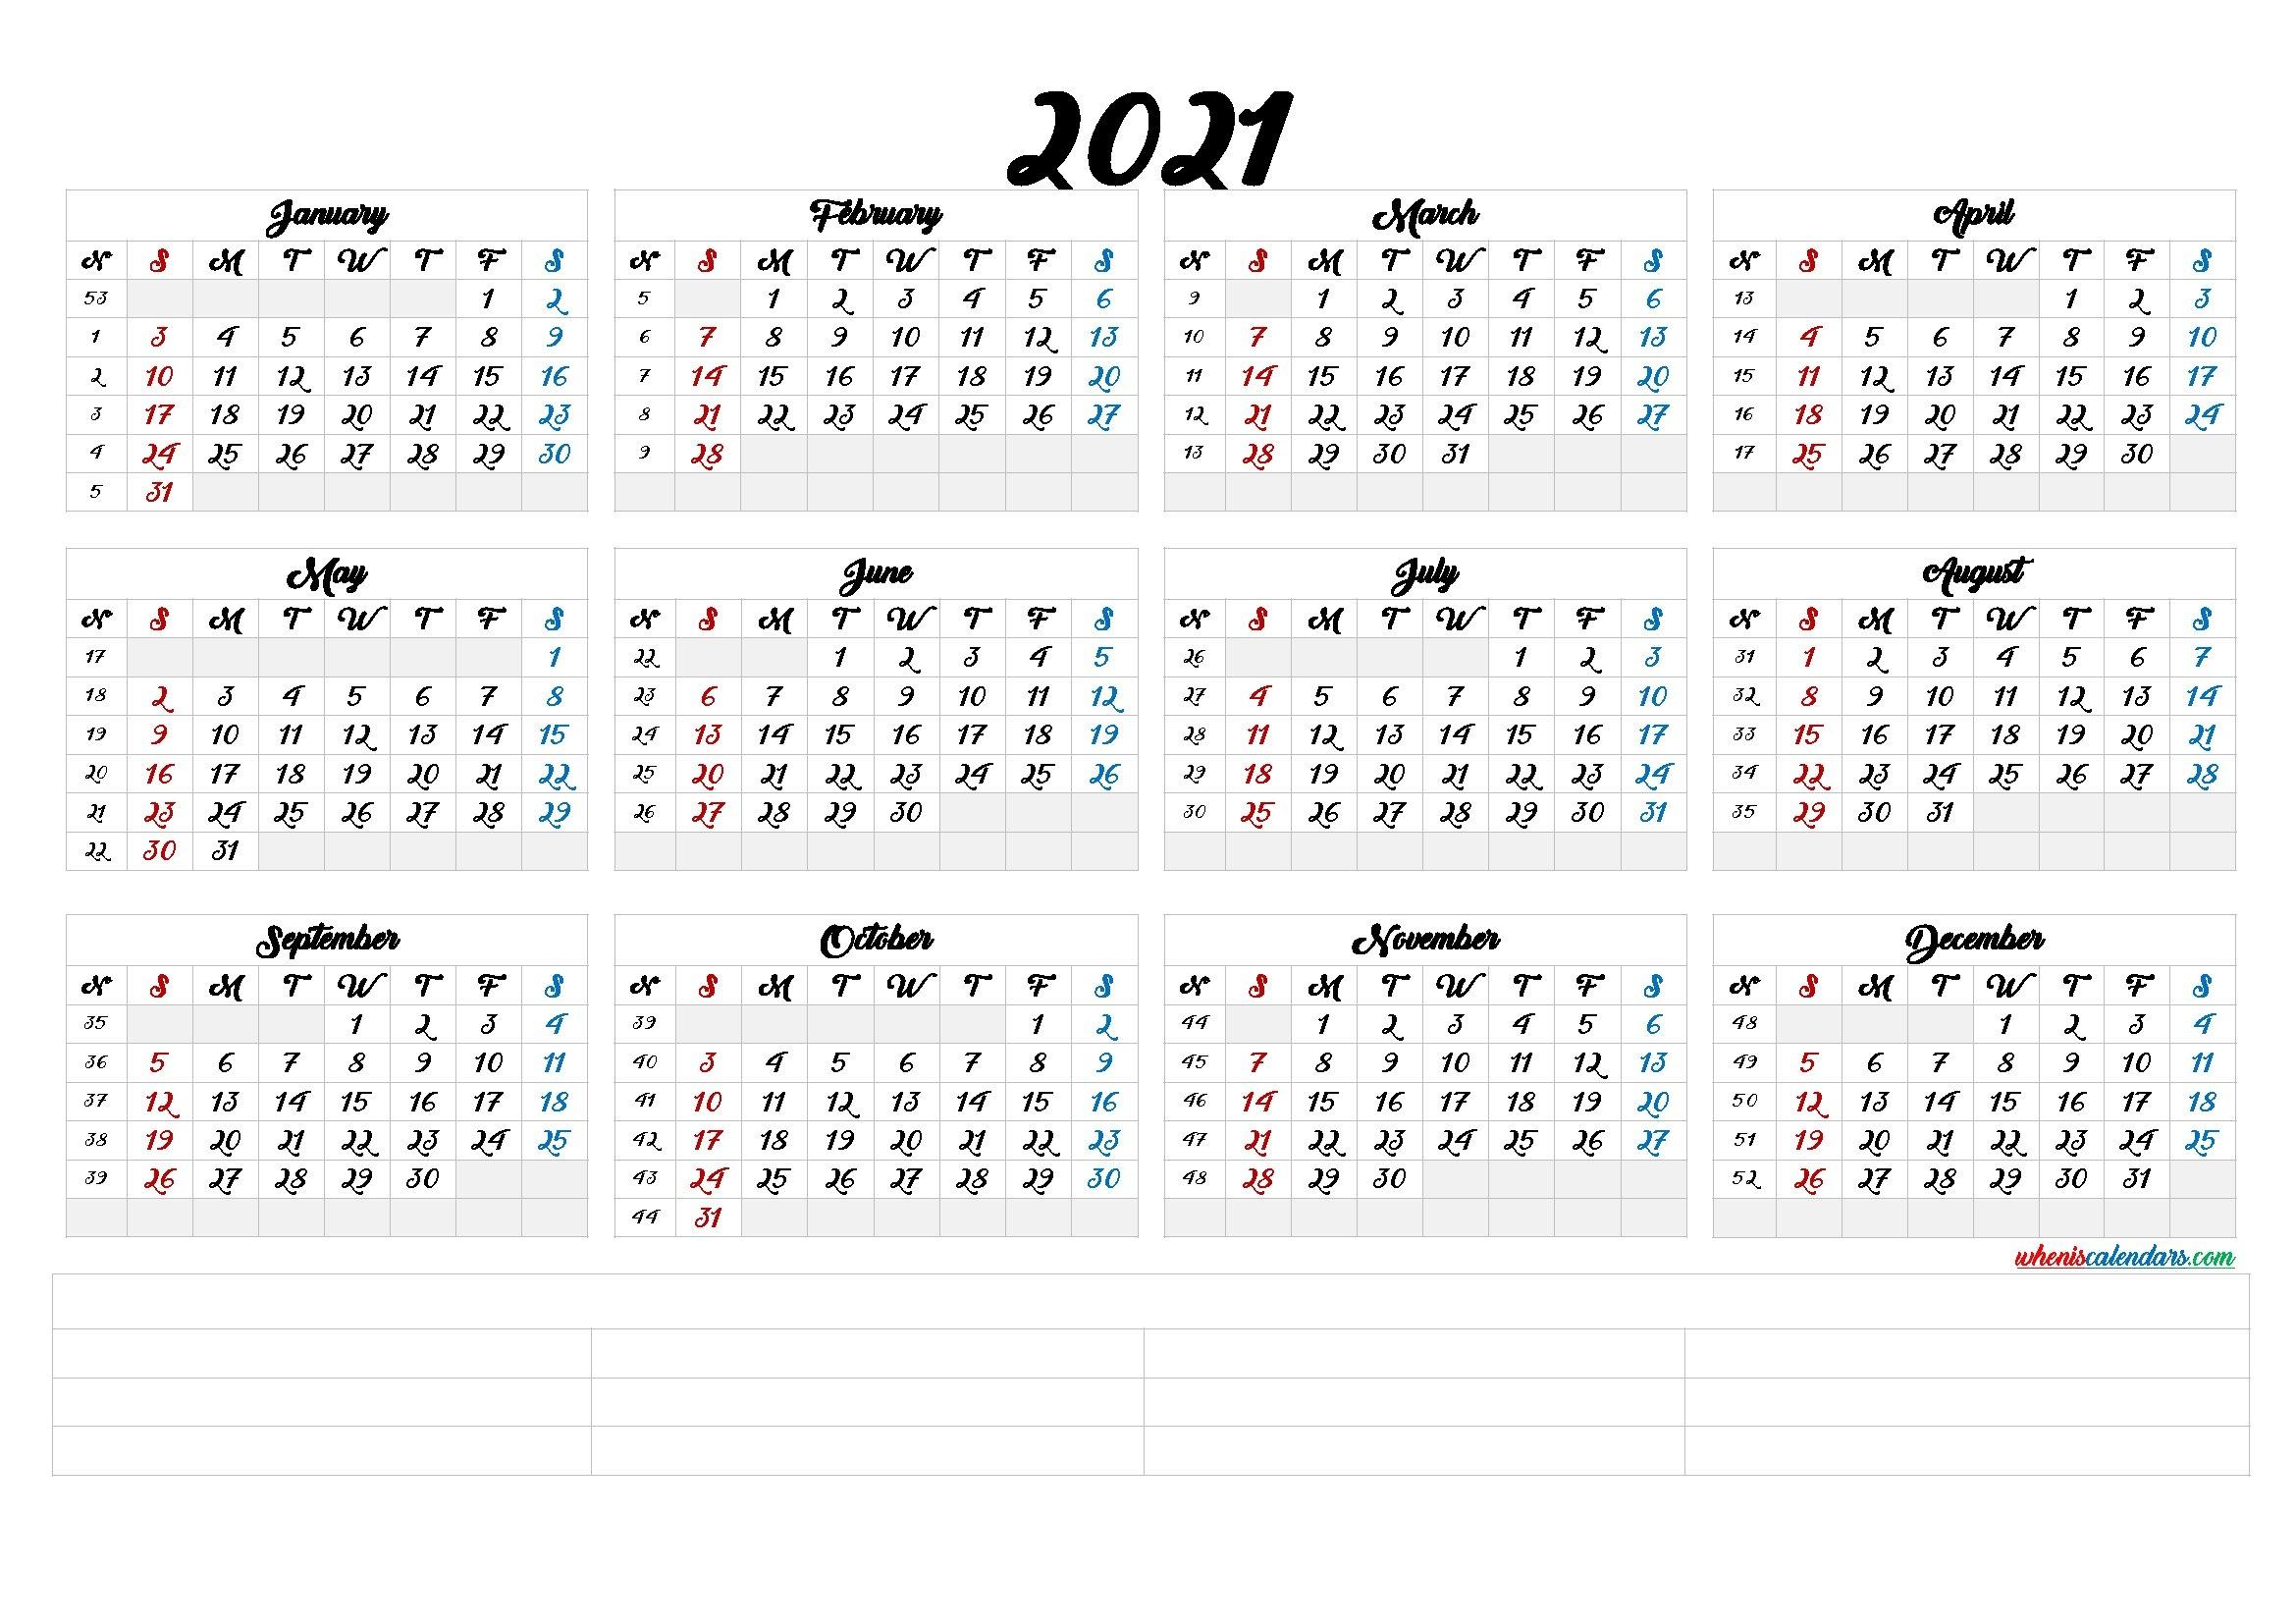 2021 Calendar With Week Number Printable Free : 2021 Yearly Business Calendar With Week Number throughout 2021 Calendar Printable One Page